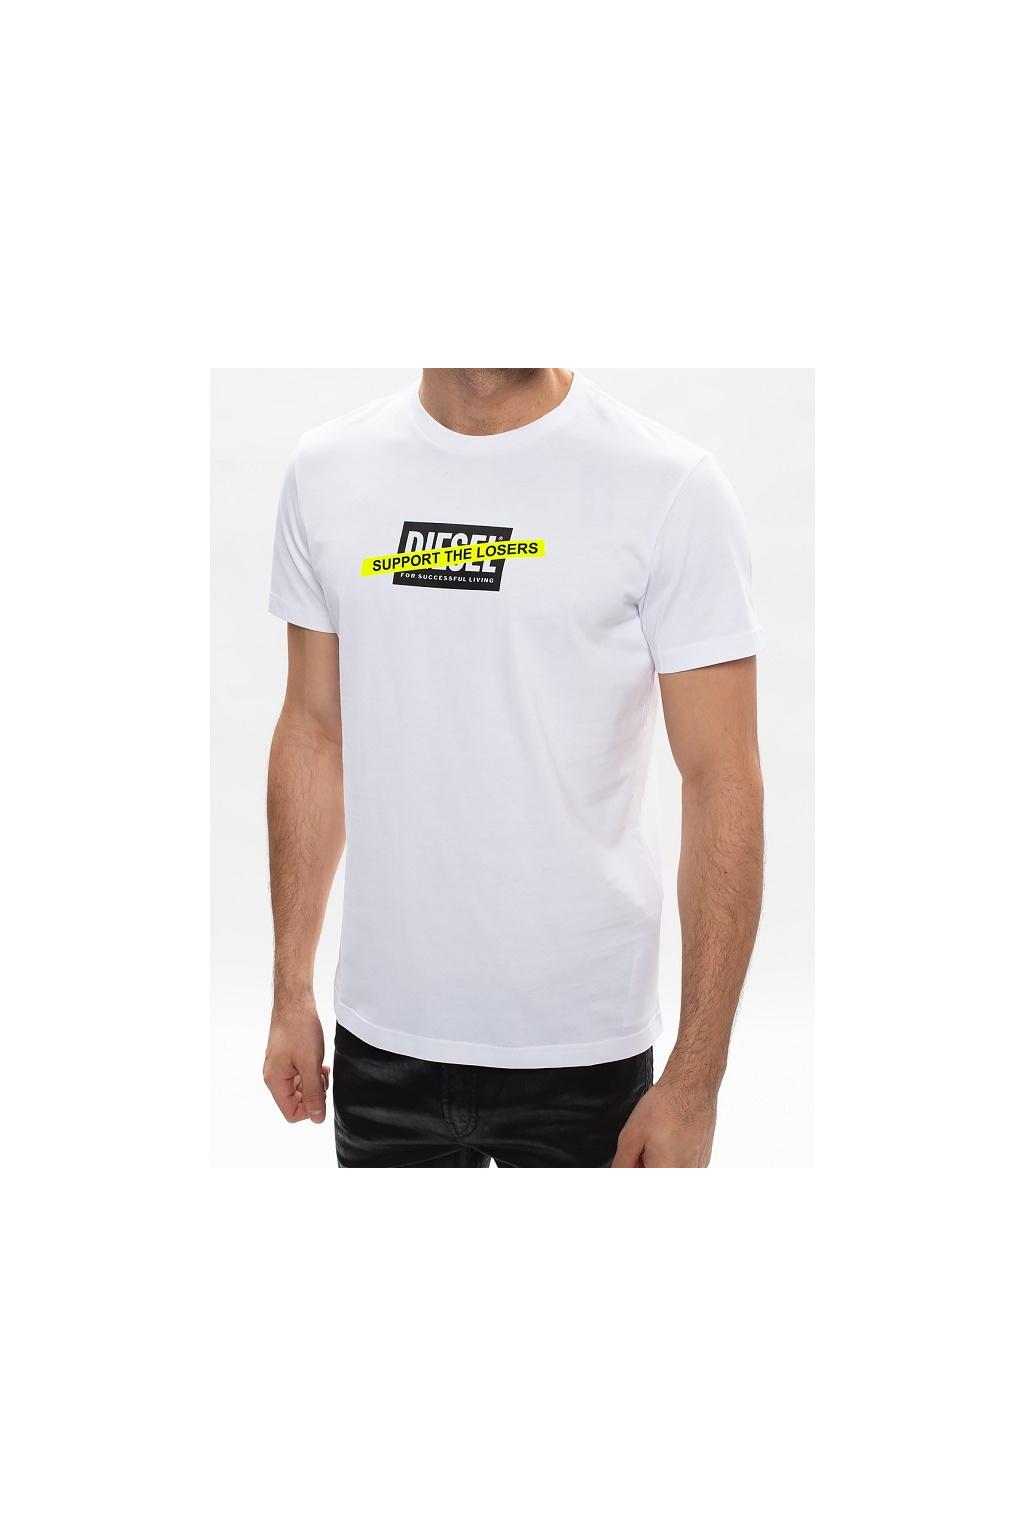 A01769 0HAYU 100 Pánské tričko Diesel T Diegos A3 bílé